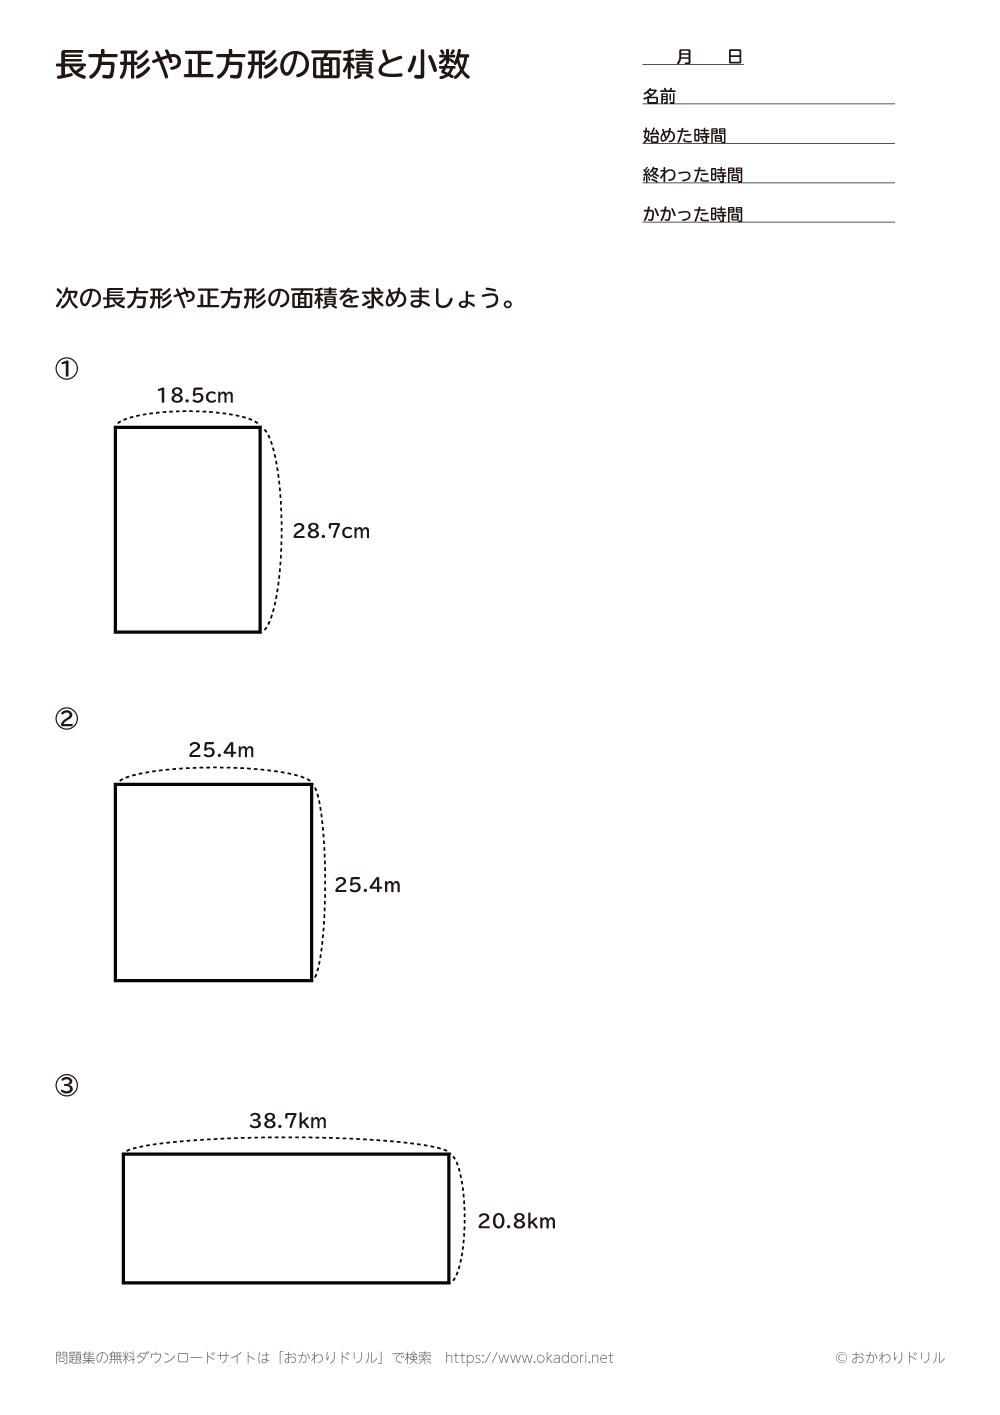 長方形や正方形の面積と小数5